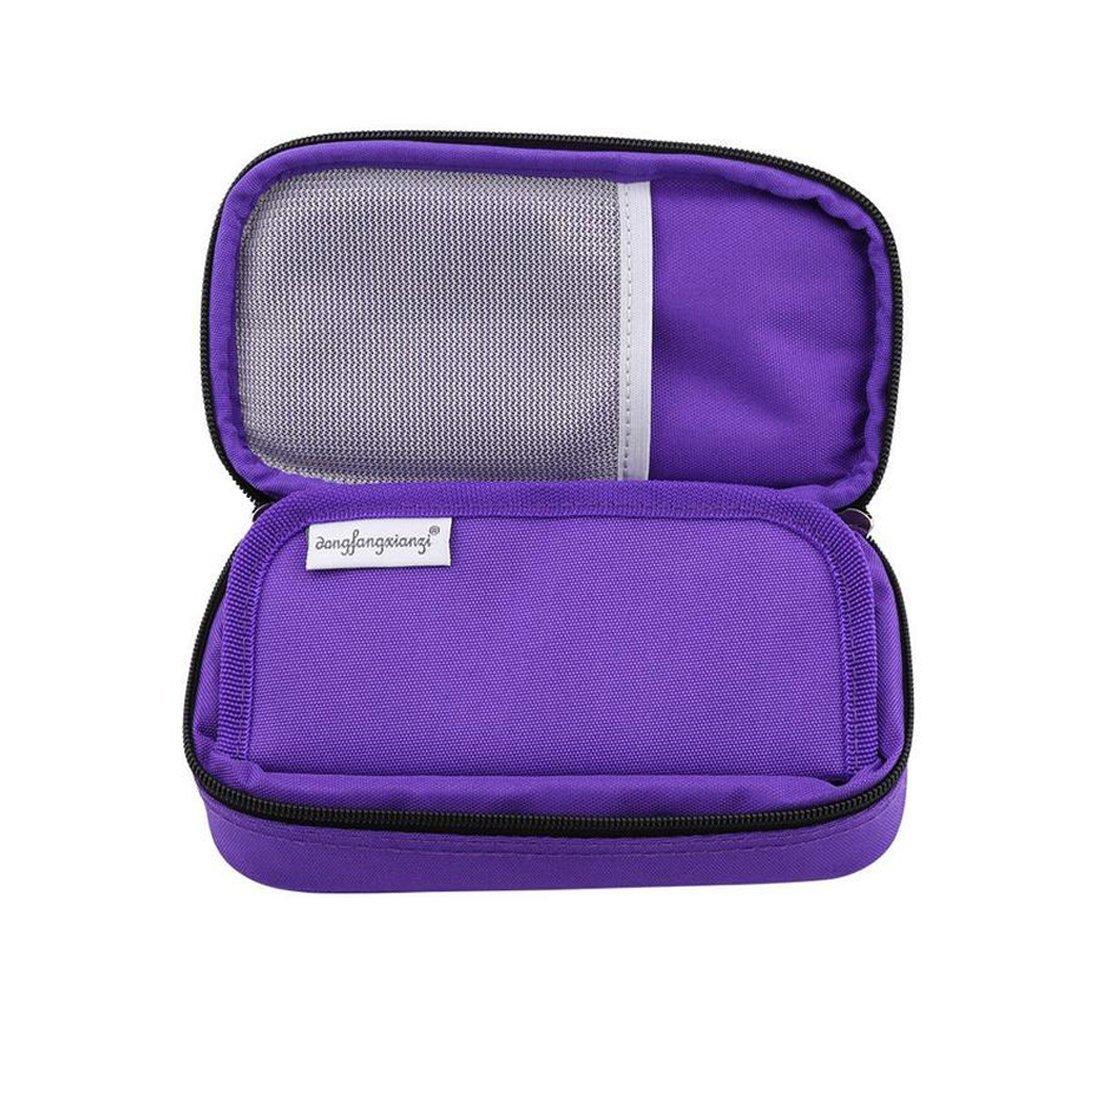 Vianber Borsa termica portatile per insulina Borsa termica per assistenza medica Custodia protettiva da viaggio per il diabetico Nero